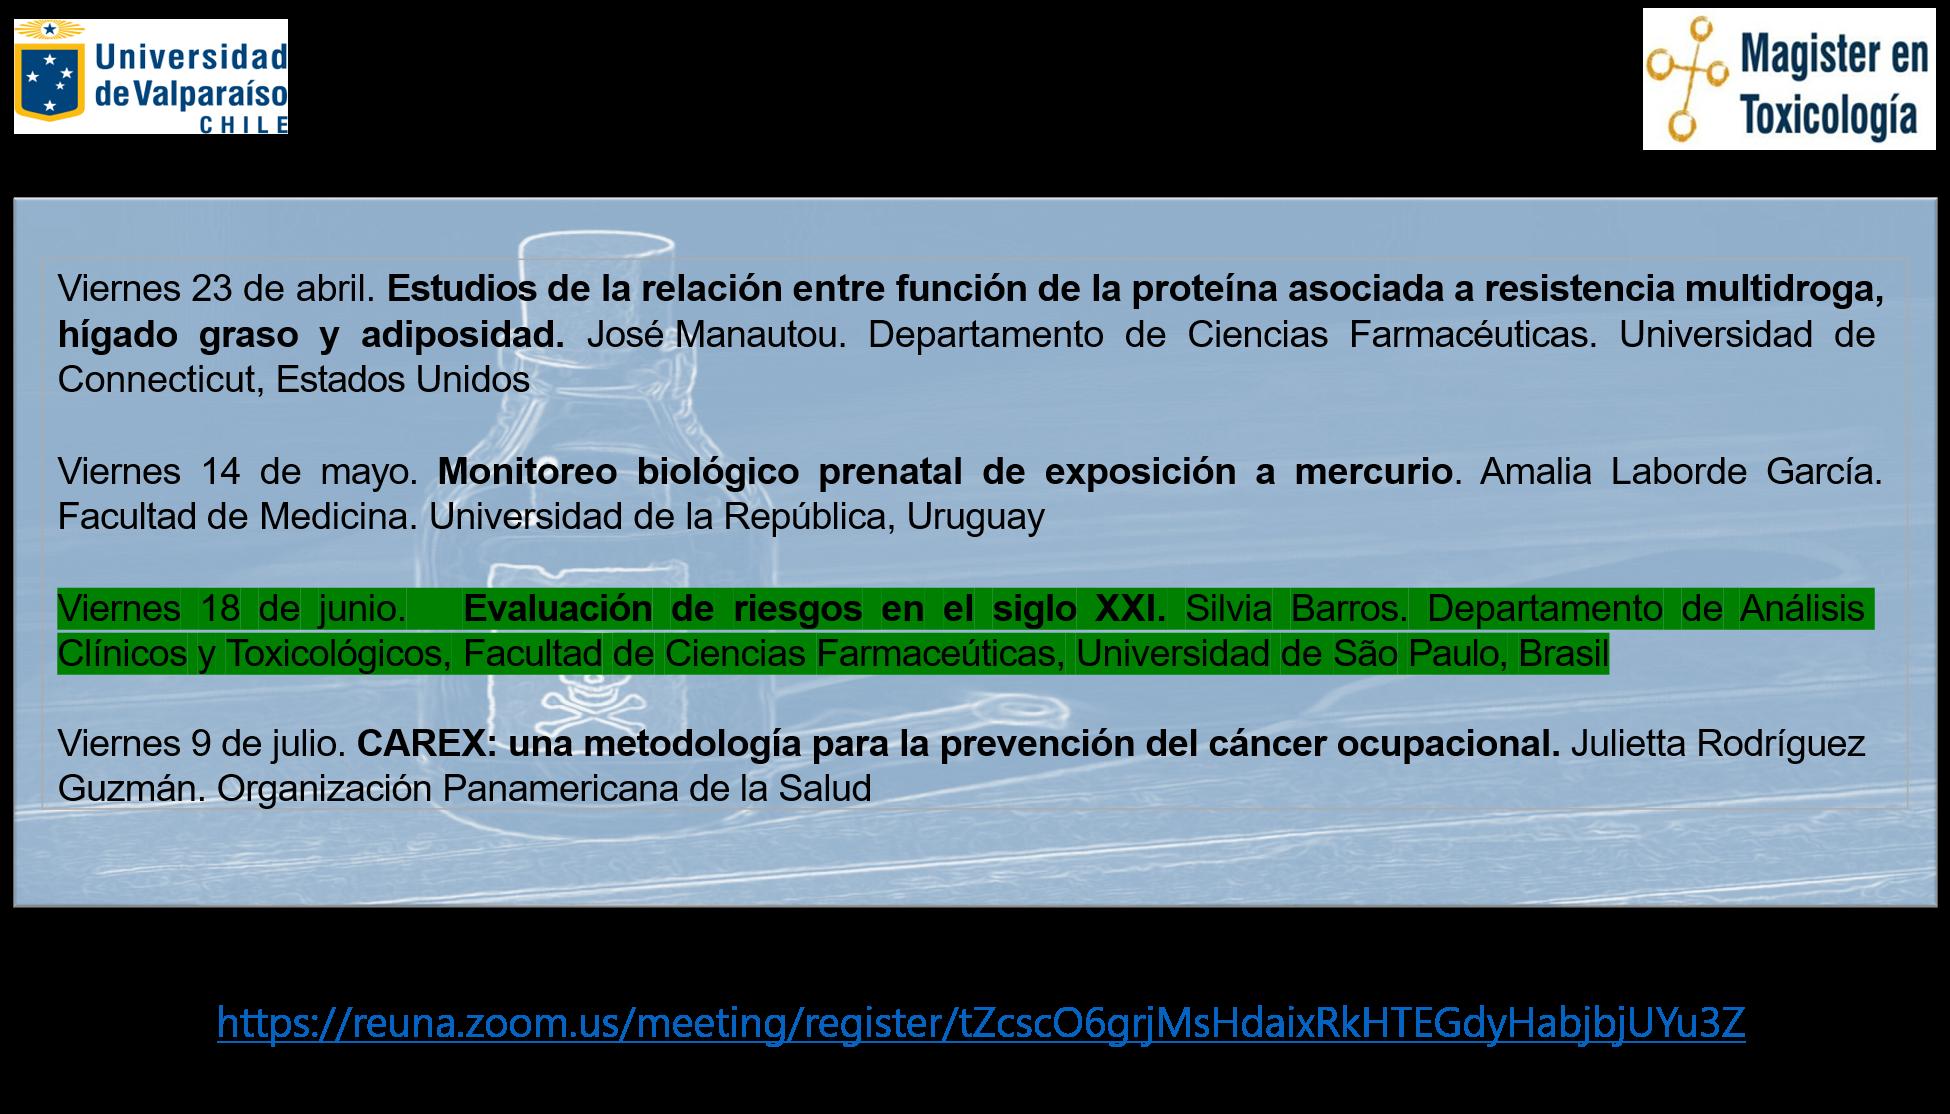 seminarios-toxicologia-valparaiso